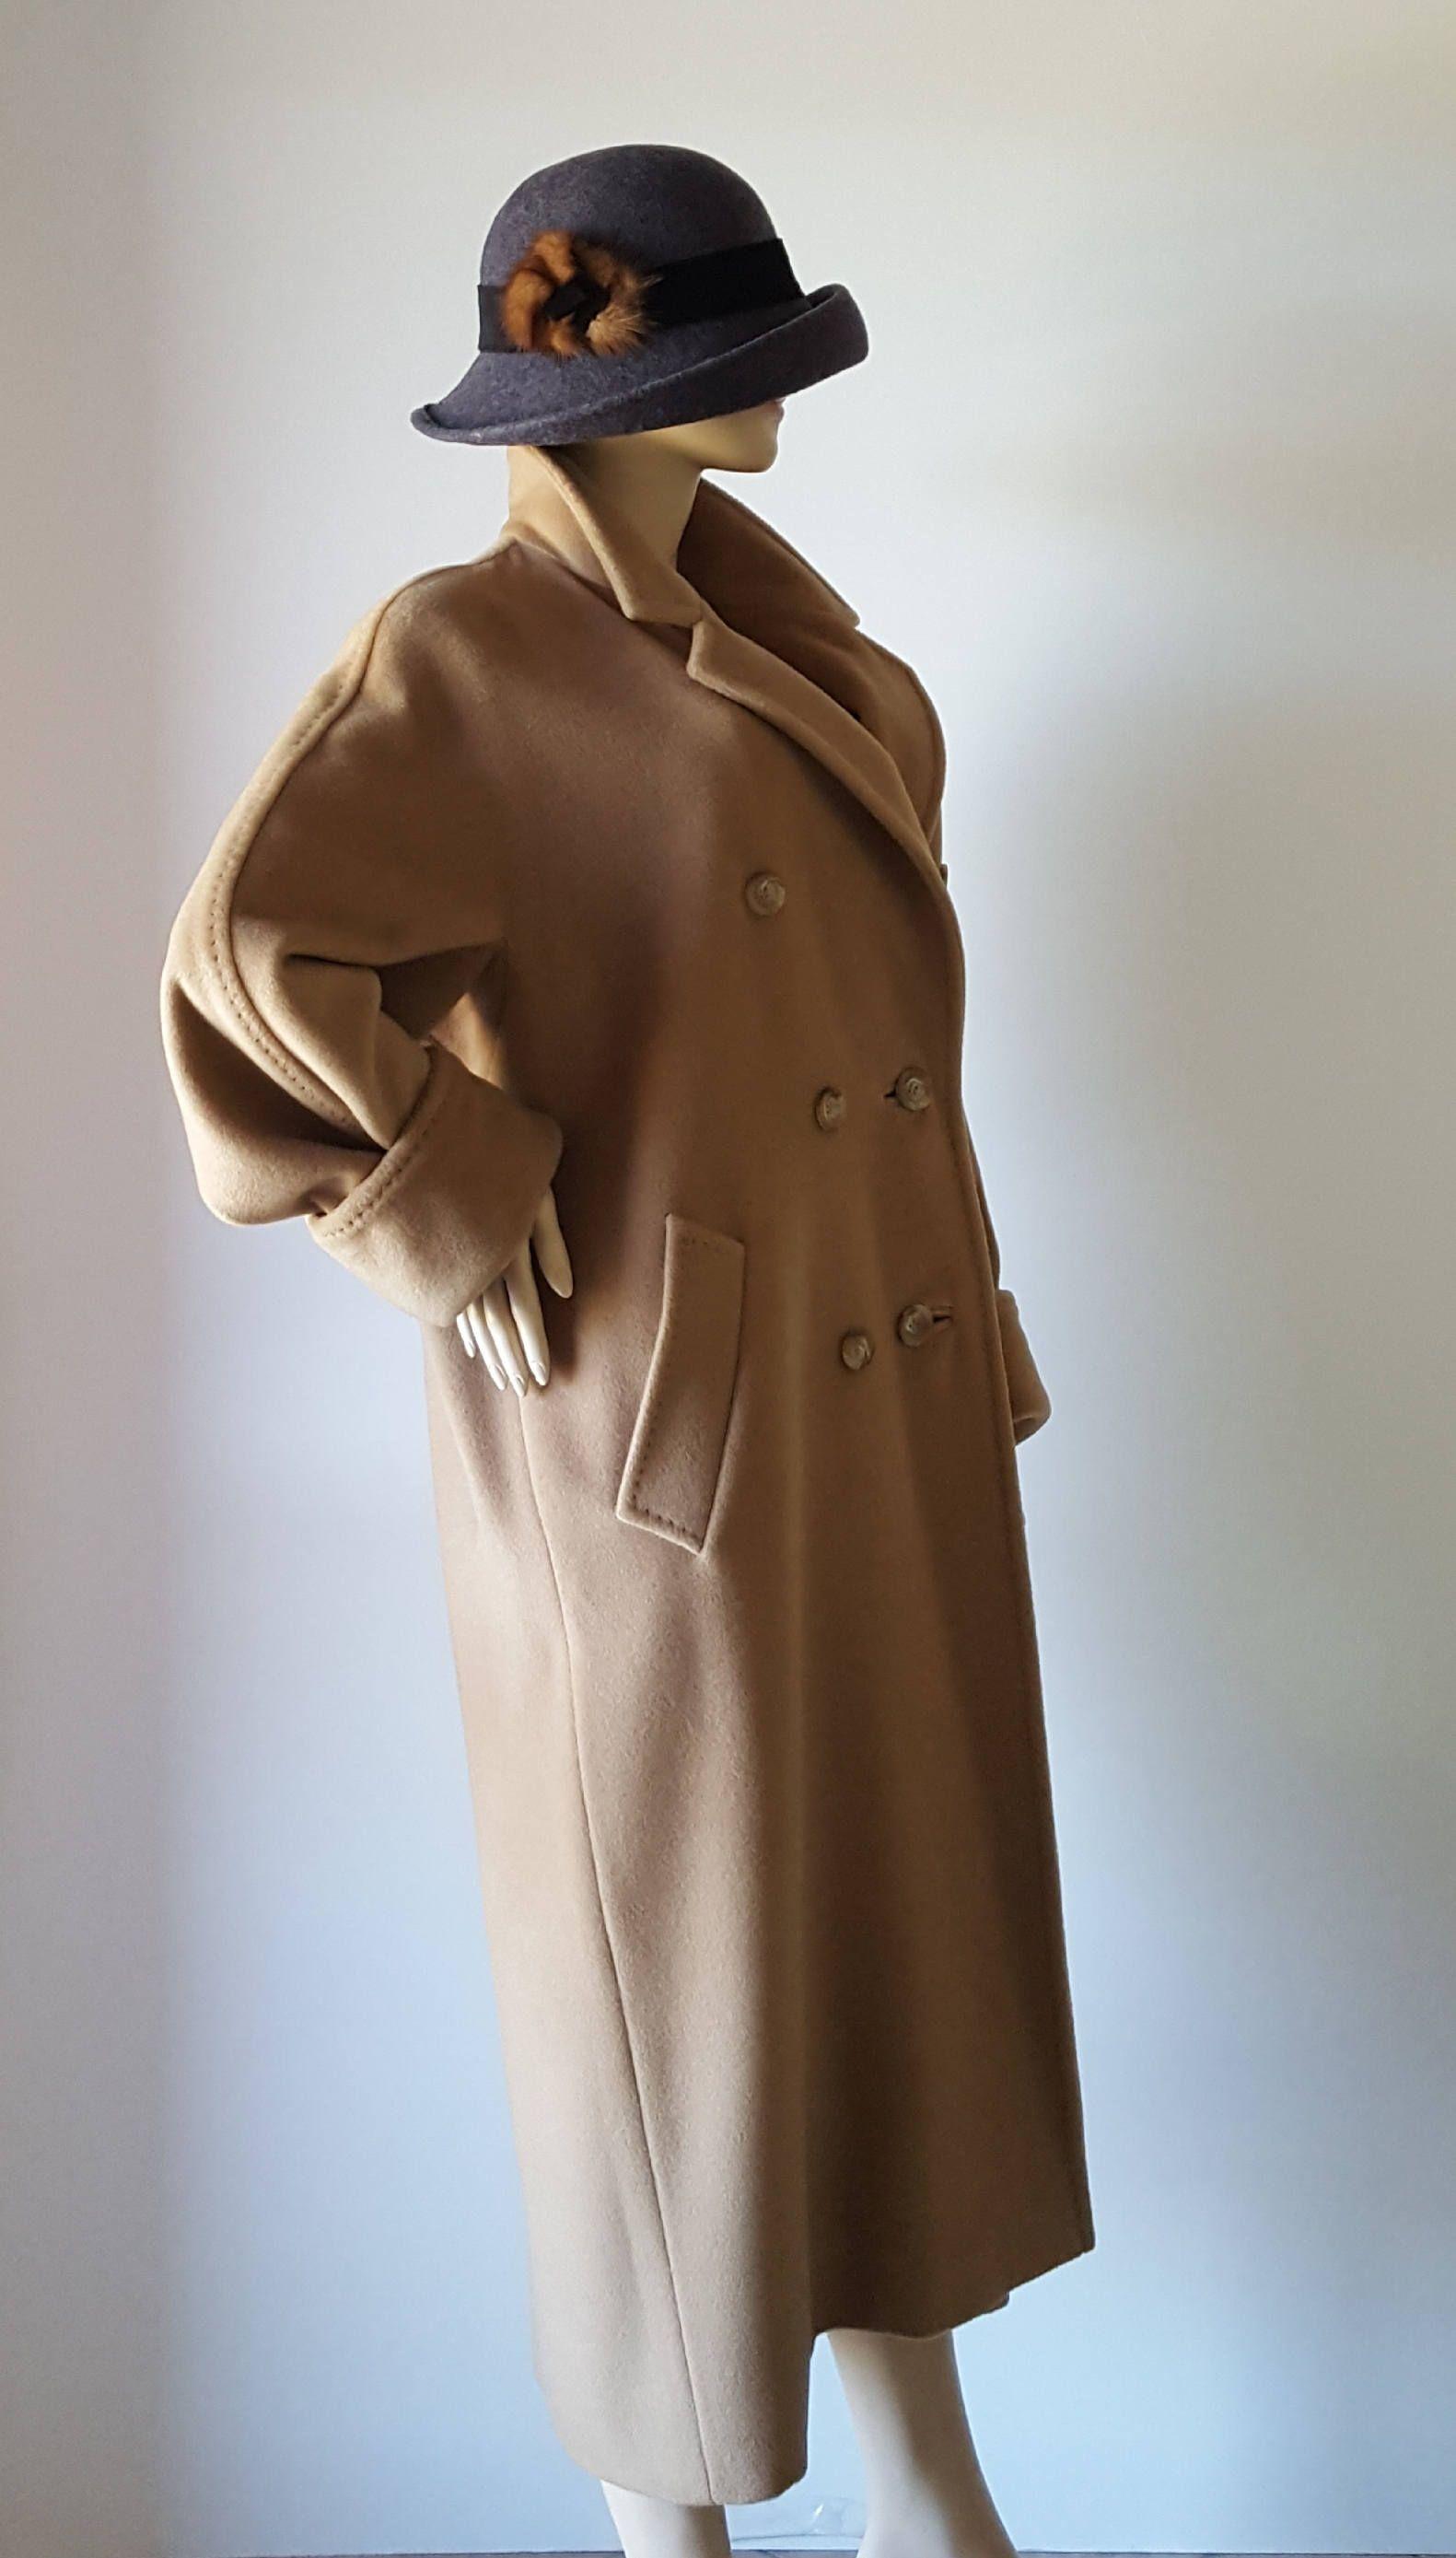 MAX MARA Made in Italy ORIGINALE Cappotto Anni  80 in lana e cashmere di  Isognidellefate su Etsy 5d1525d4456